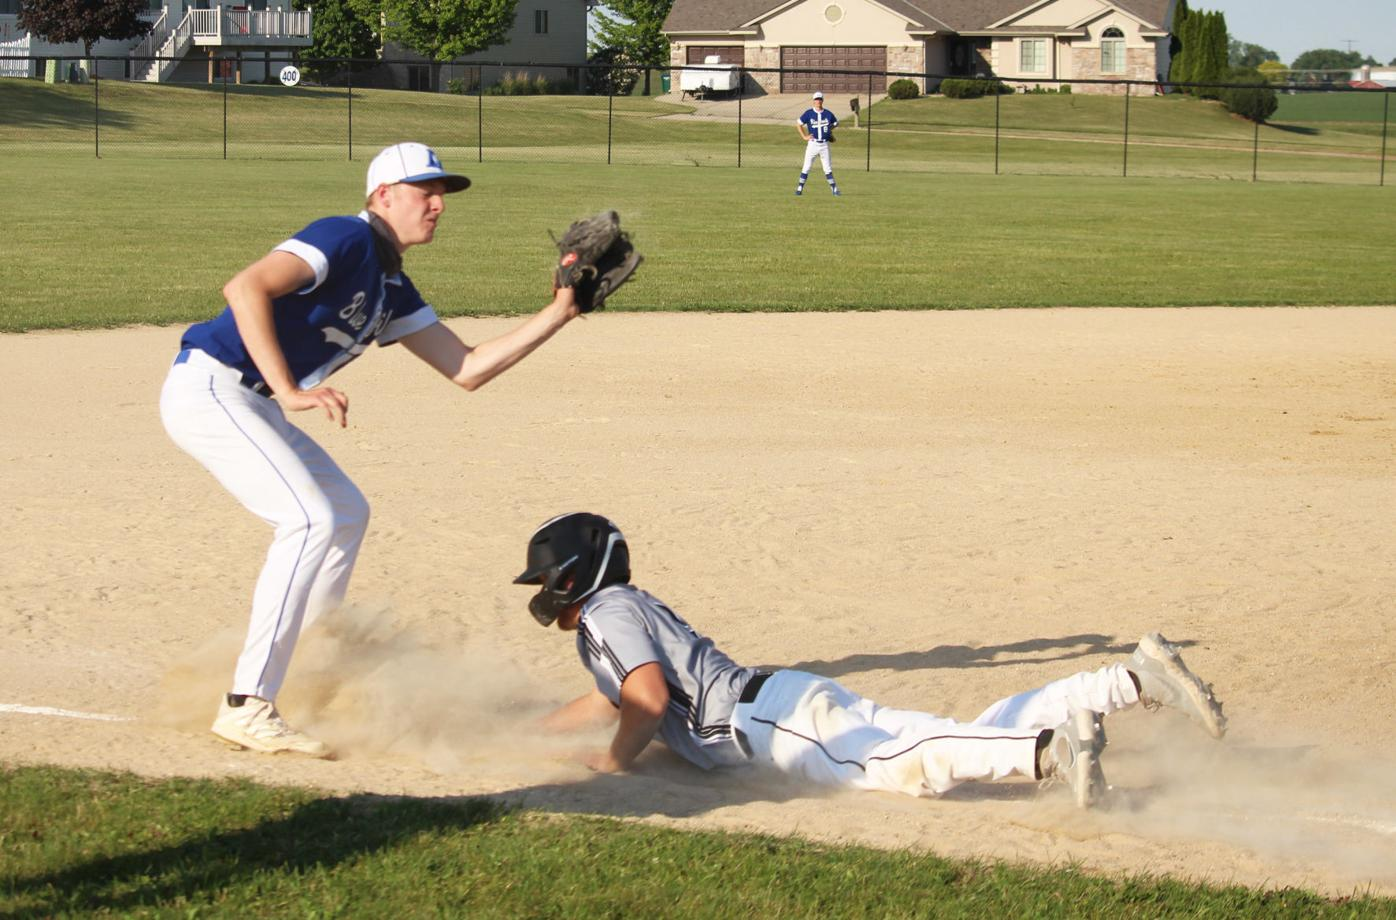 Play at third base